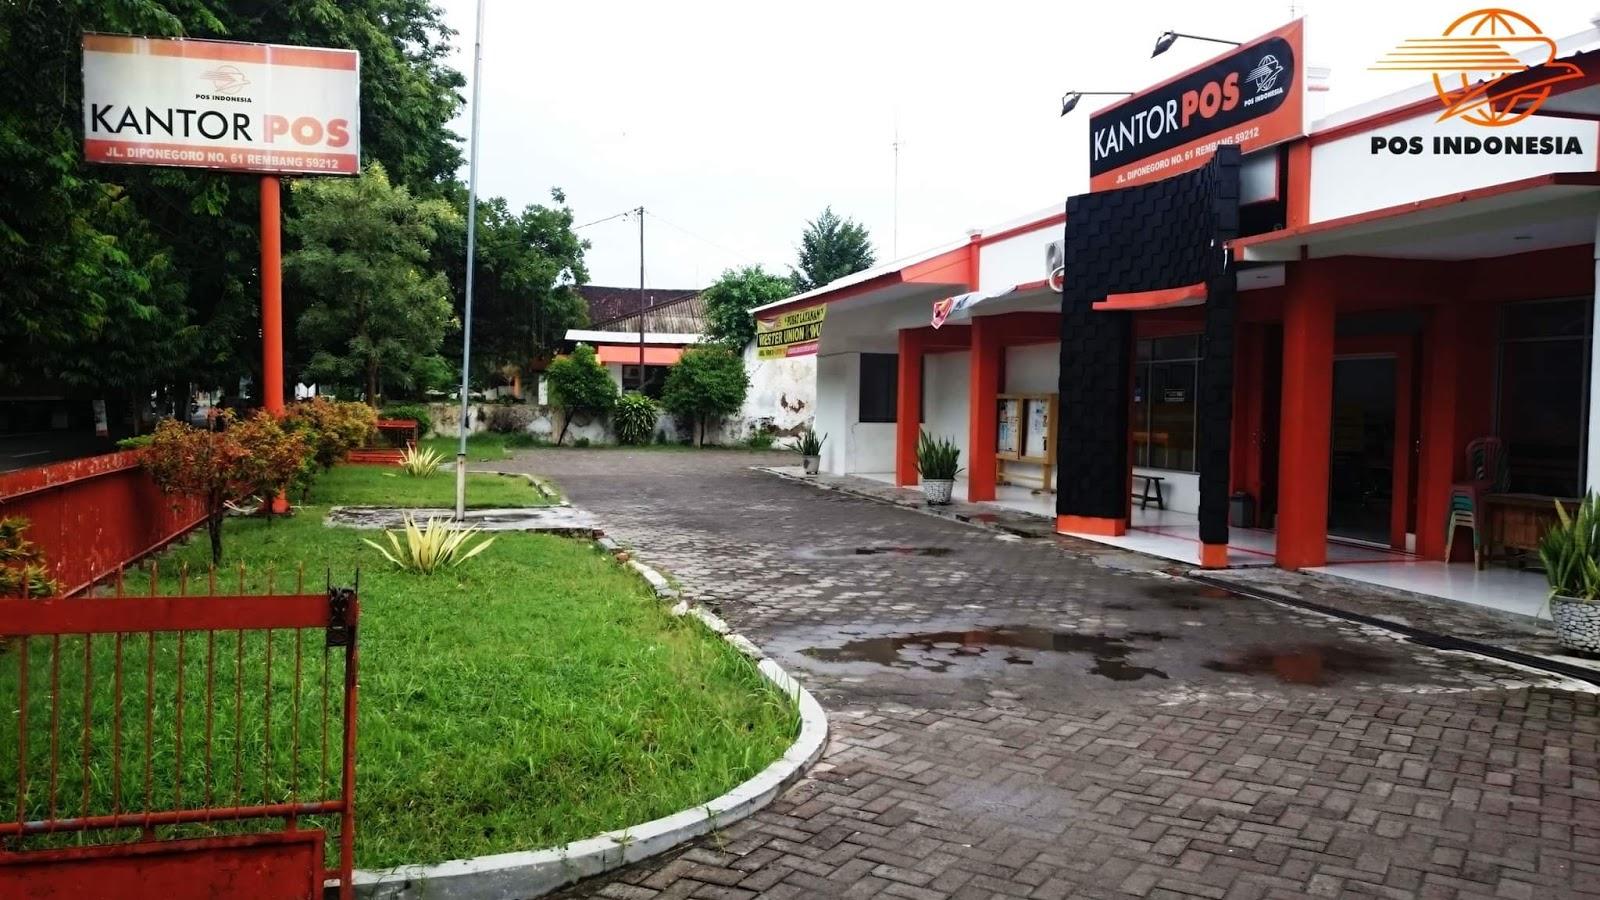 Loker Rembang Kantor Pos Pemuda Rembang Merupakan Unit Bisnis Kemitraan PT Pos Indonesia (Persero) Yang Berada Di Rembang Sedang Membutuhkan Karvawan/i Untuk Posisi: